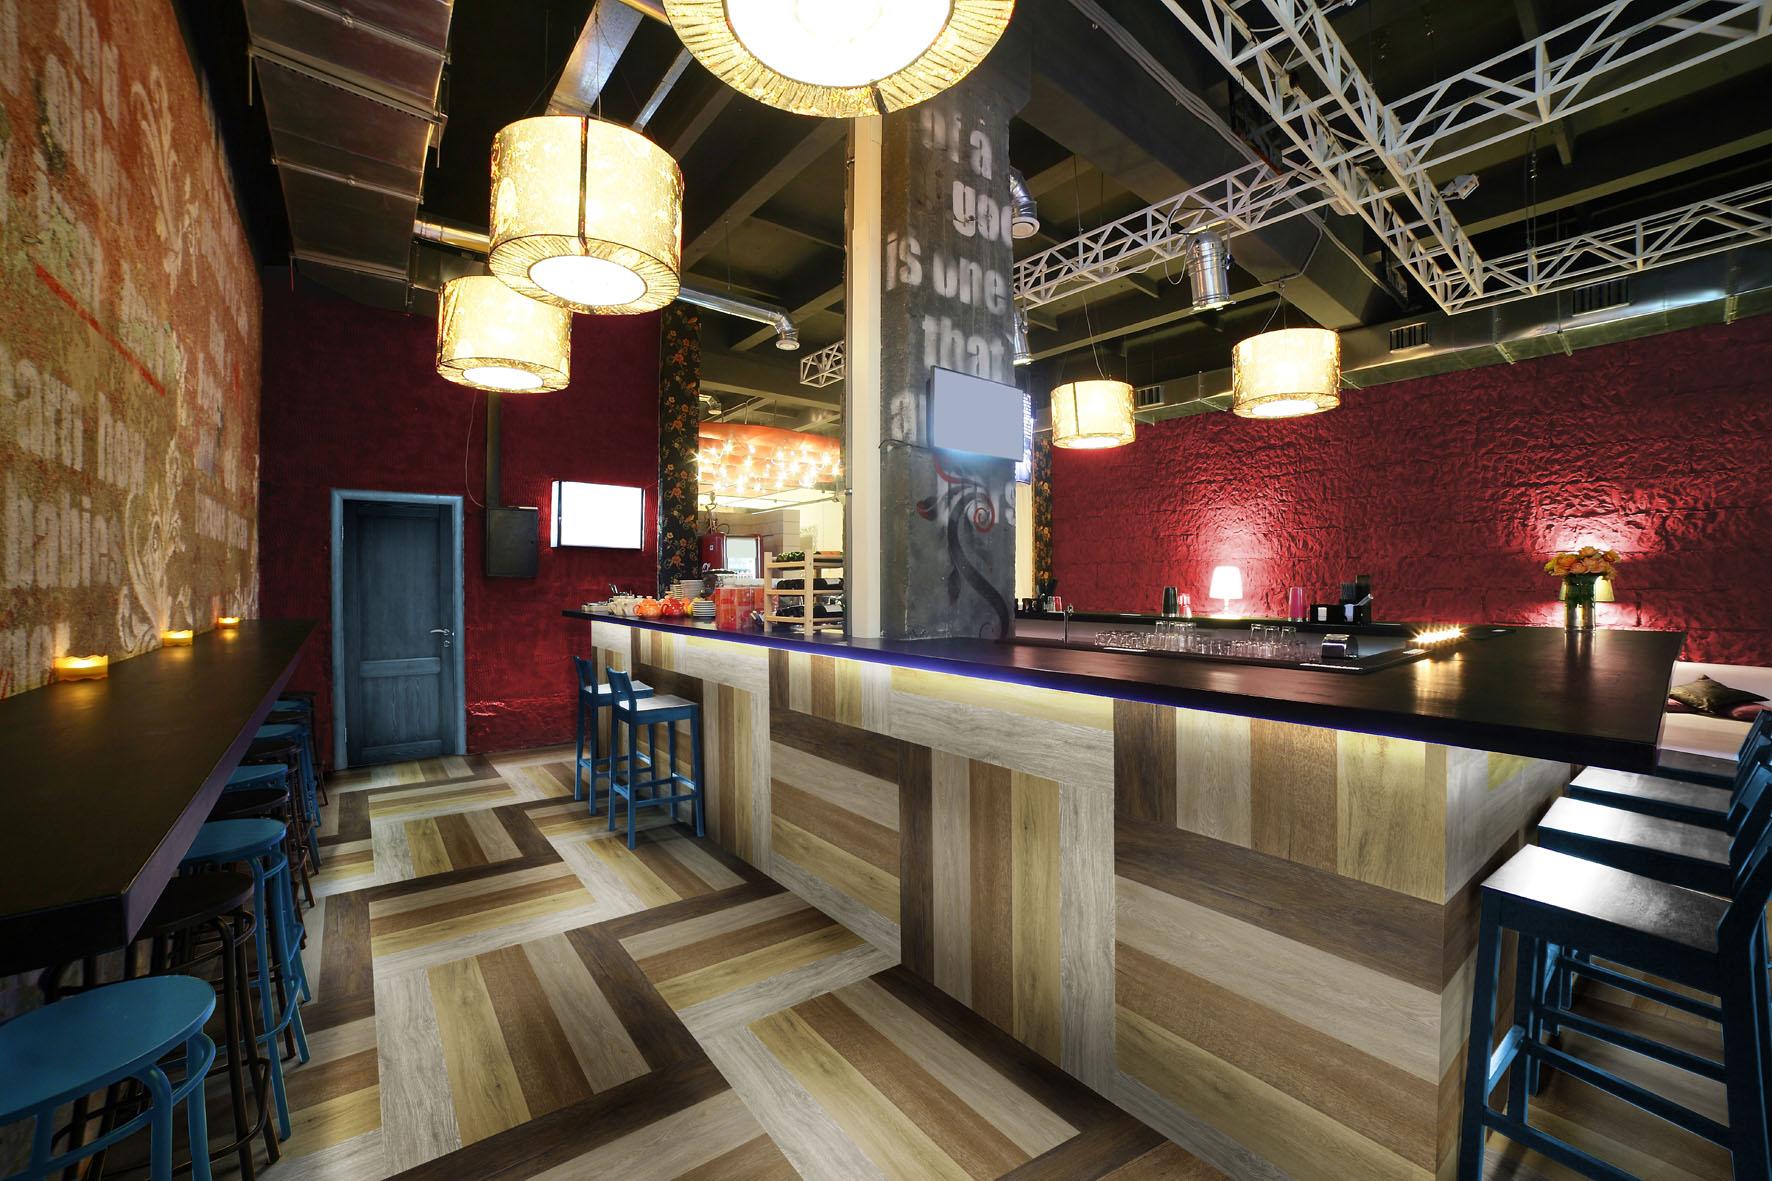 Pisos laminados e vin licos para bares e restaurantes for Mobiliario rustico para bares